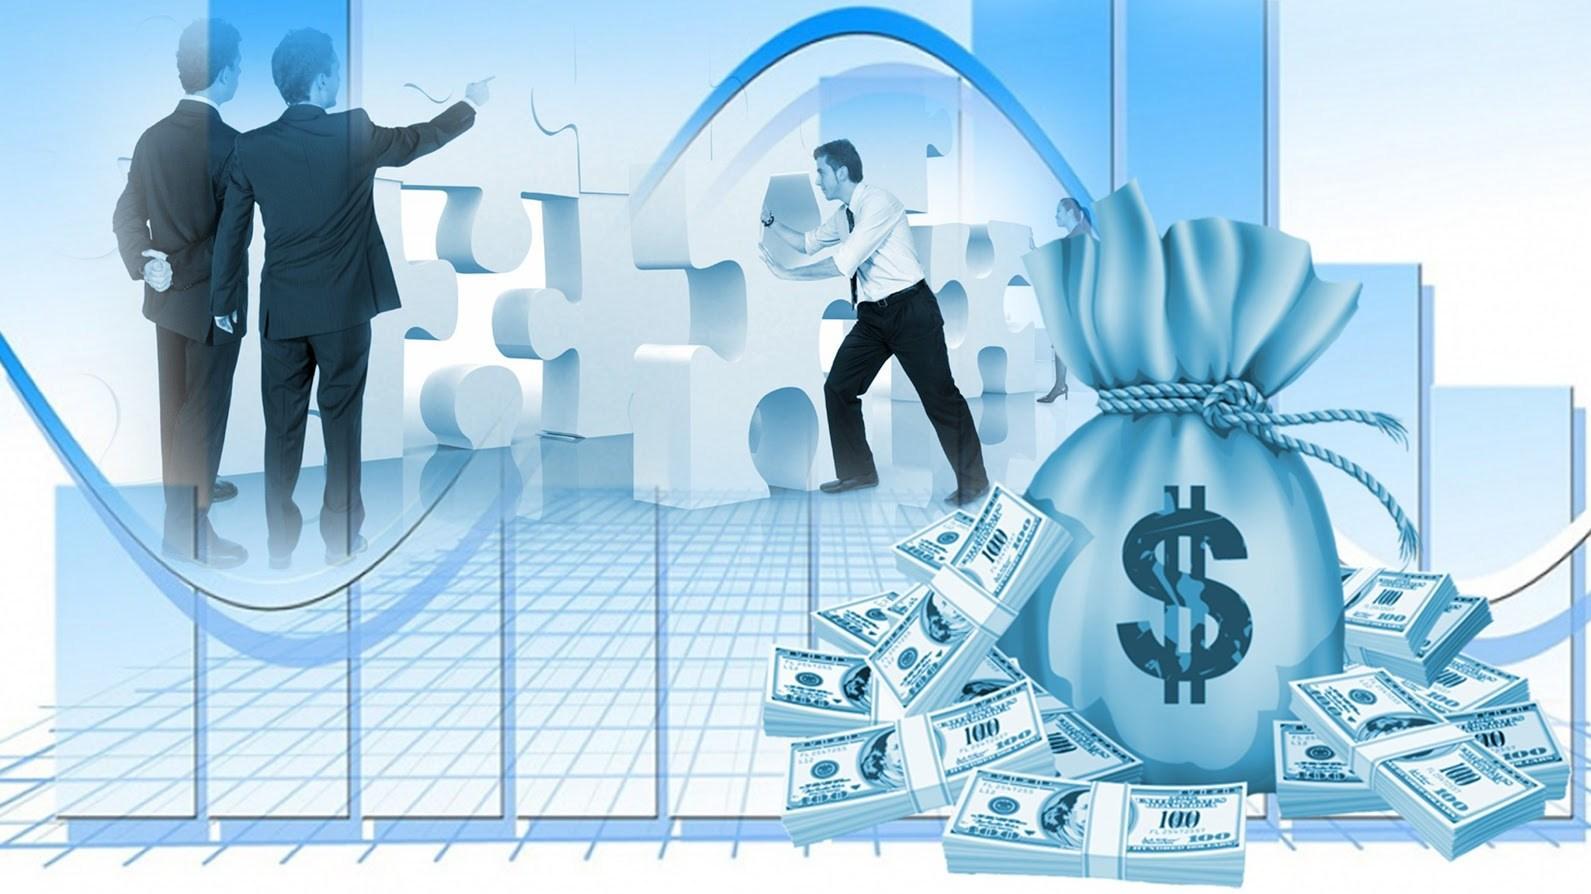 трейдеры и инвесторы сотрудничество